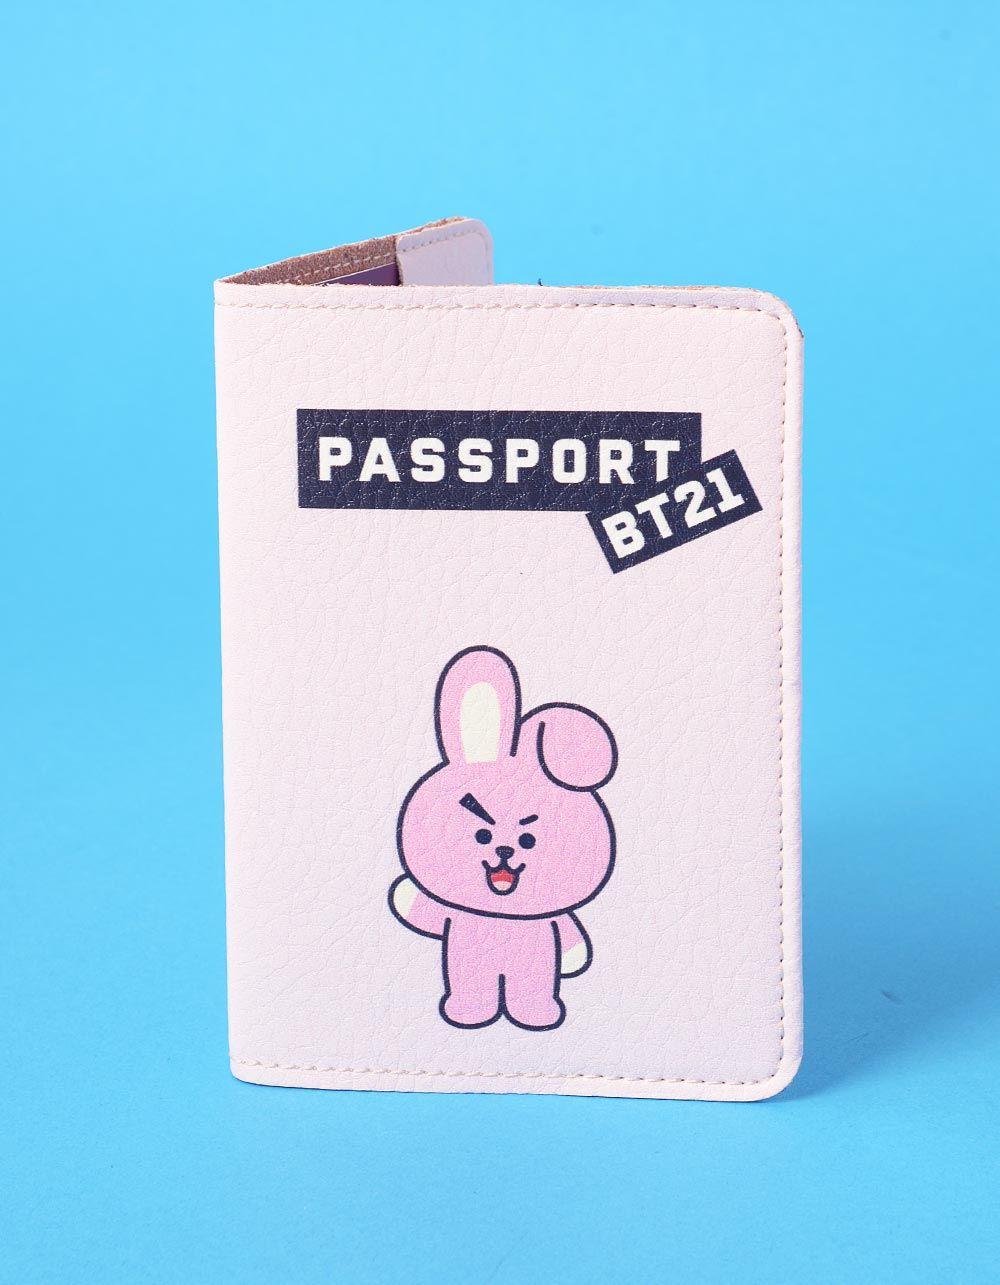 Обкладинка на паспорт з принтом bts bt21 COOKY ЧОНГУК   237000-14-XX